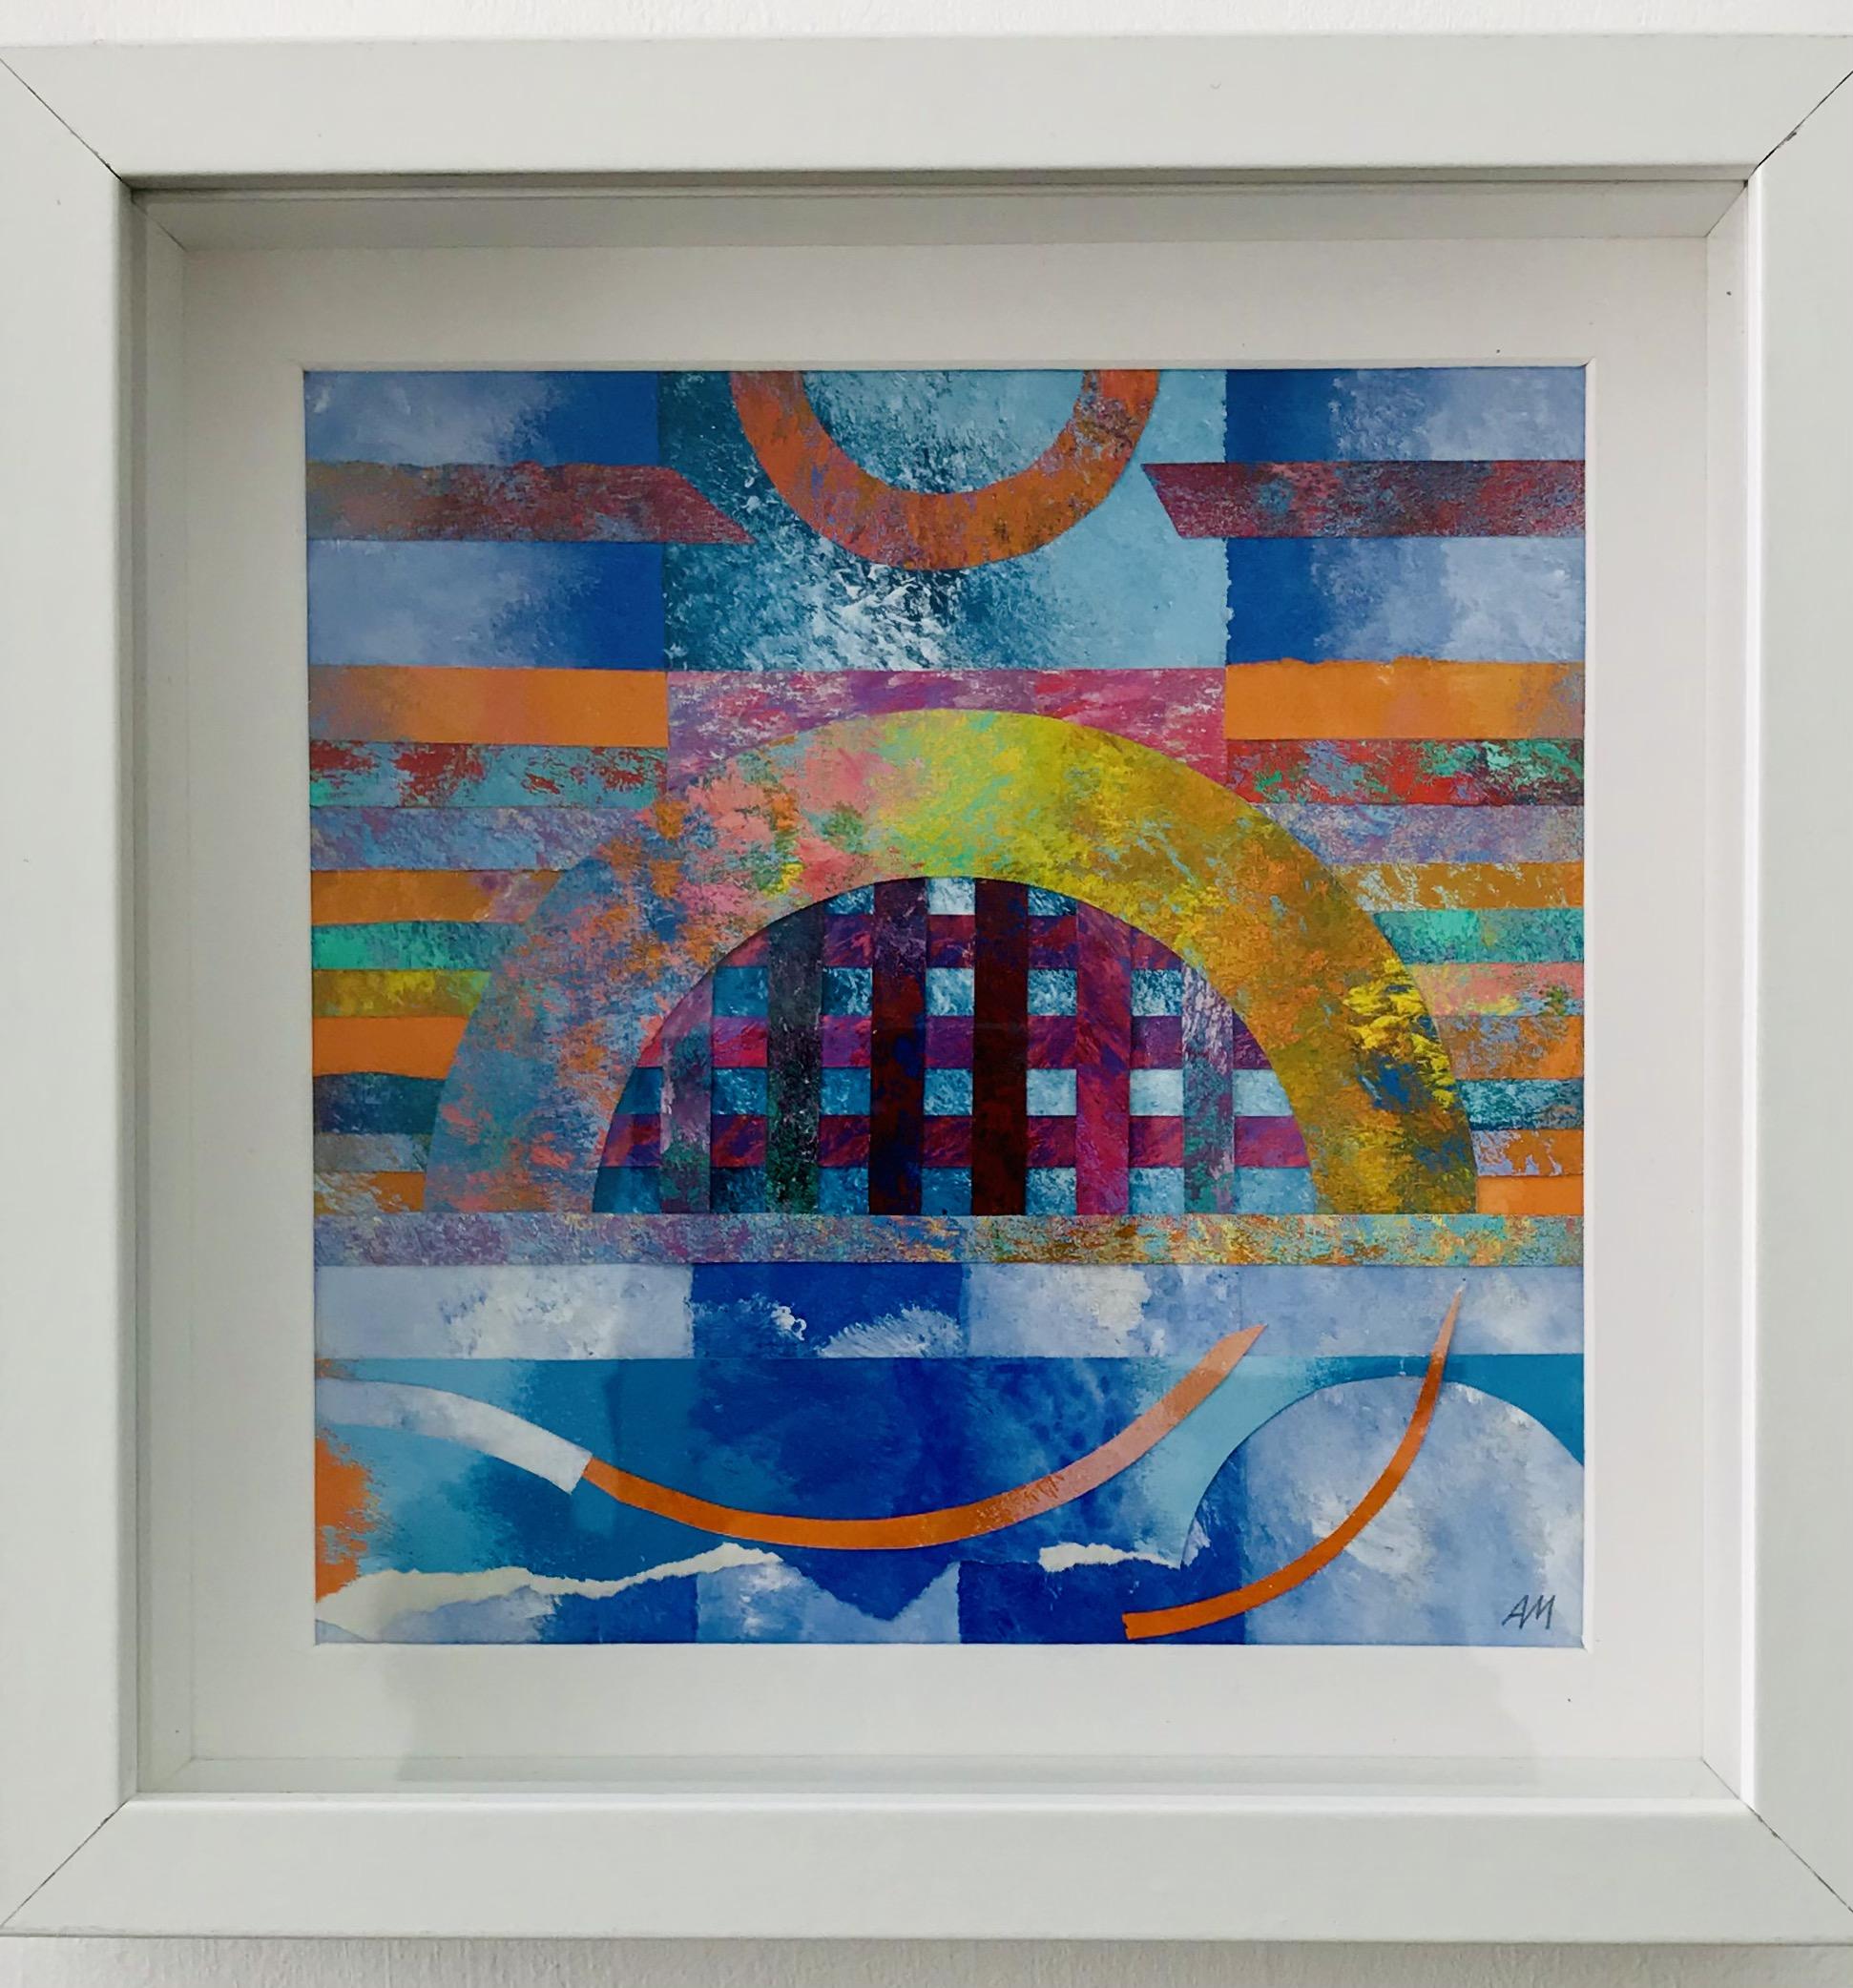 Anthony MacRae Framed Painting